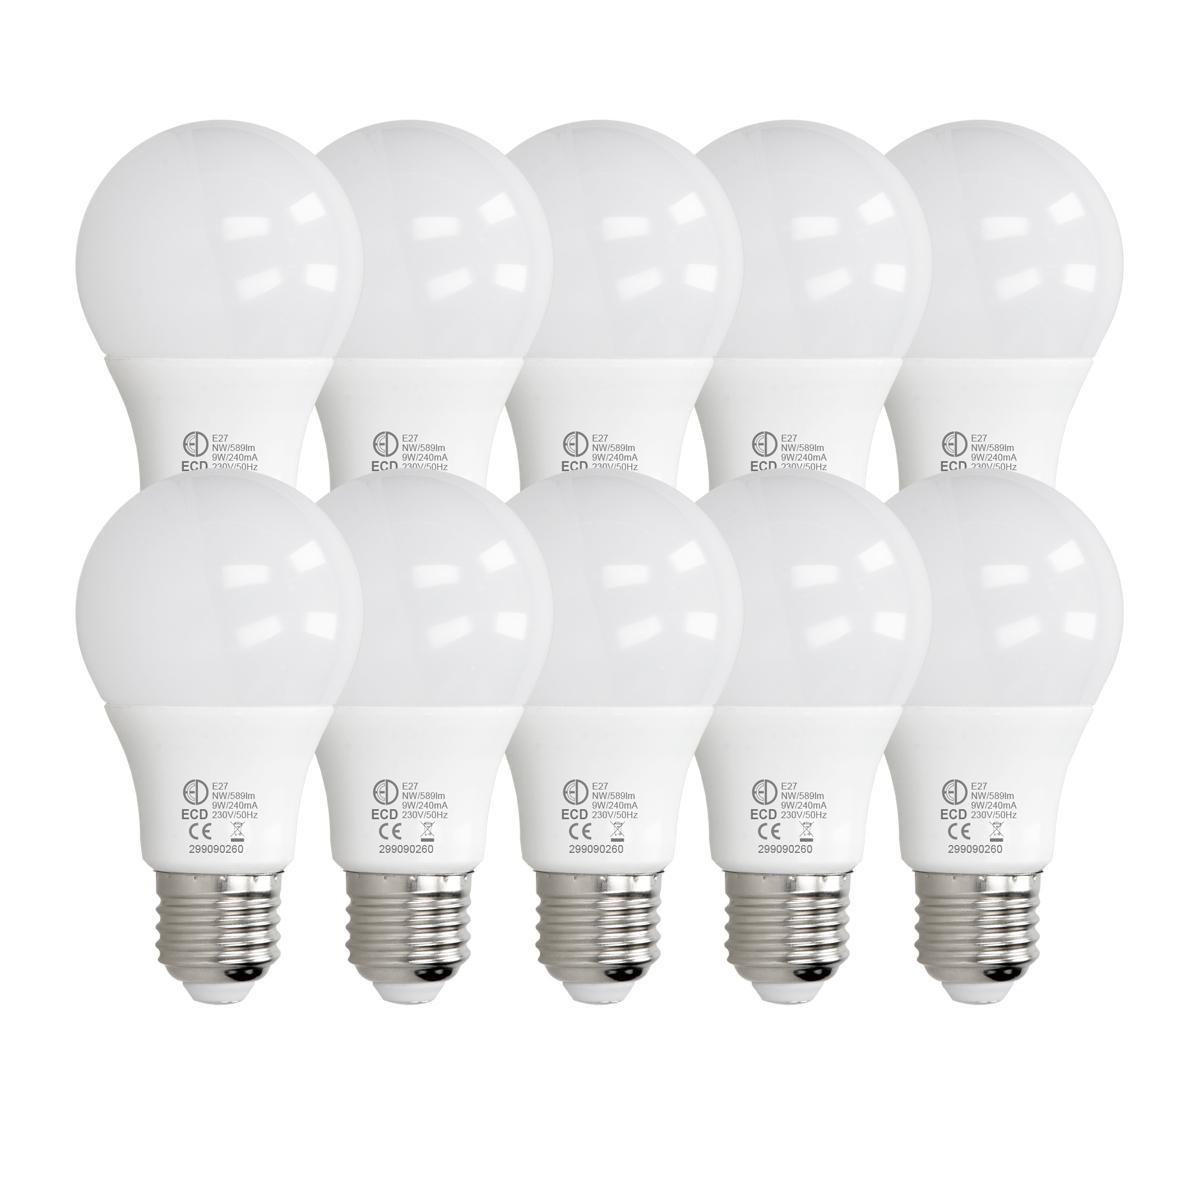 Ecd Germany ECD Germany 10 pièces 9W E27 ampoule LED   4000 Kelvin   Angle de faisceau 270 °   589 lumens   Blanc neutre   220-240 v